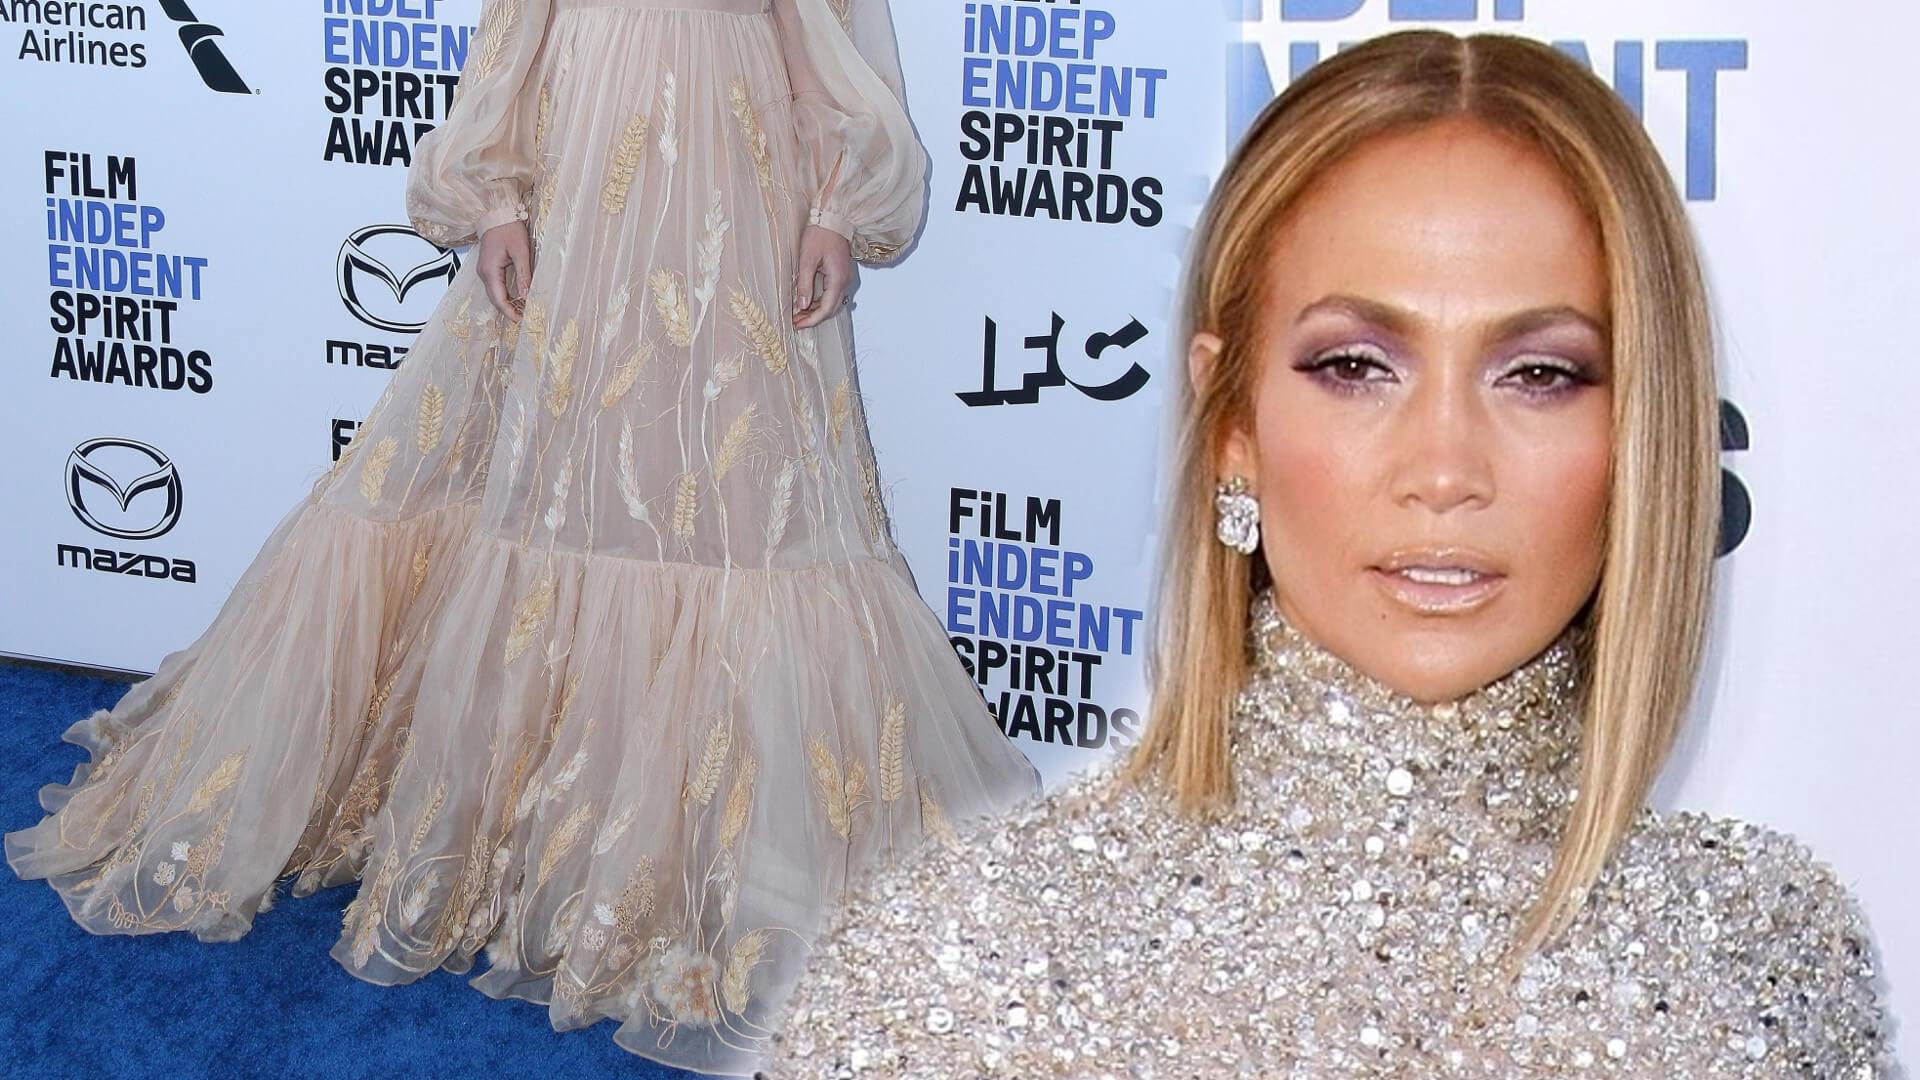 Gwiazdy pokazały klasę dzień przed Oscarami na Independent Spirit Awards (FOTO)